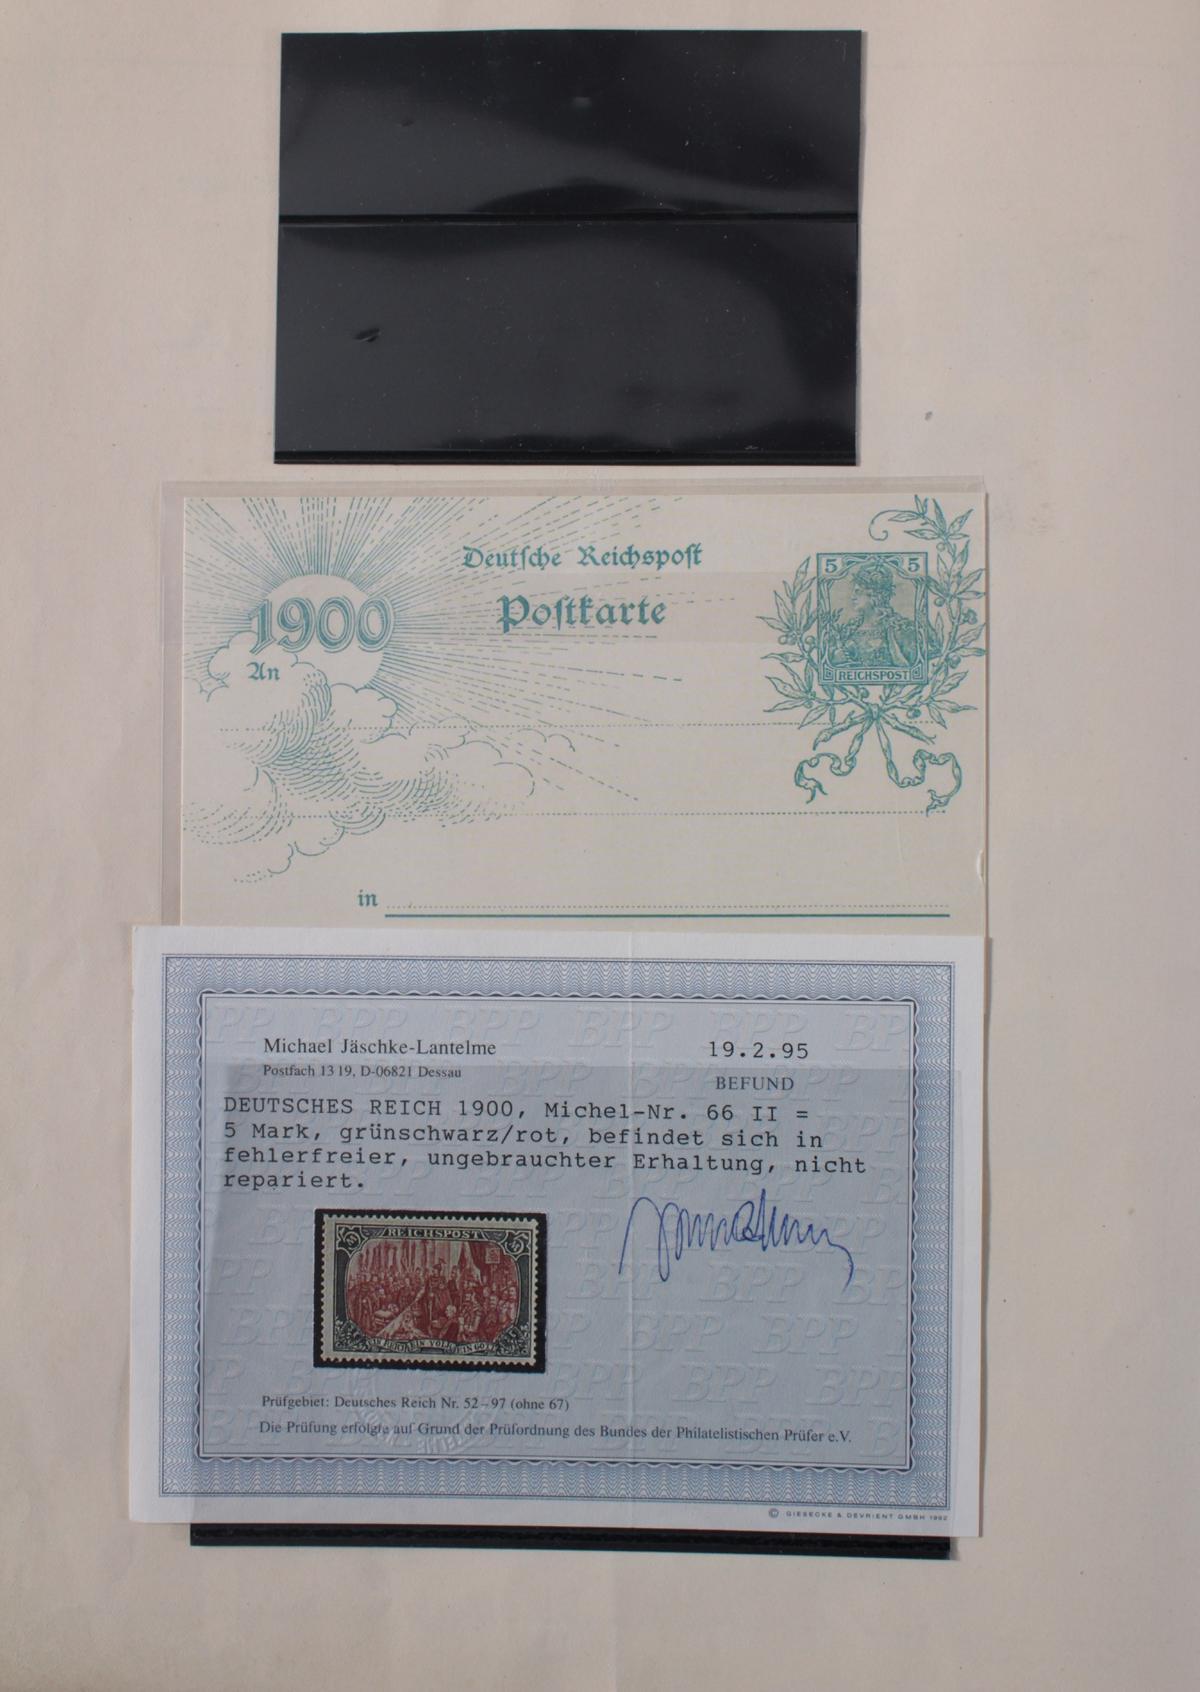 Deutsches Reich, umfangreicher Sammlungsnachlass-3